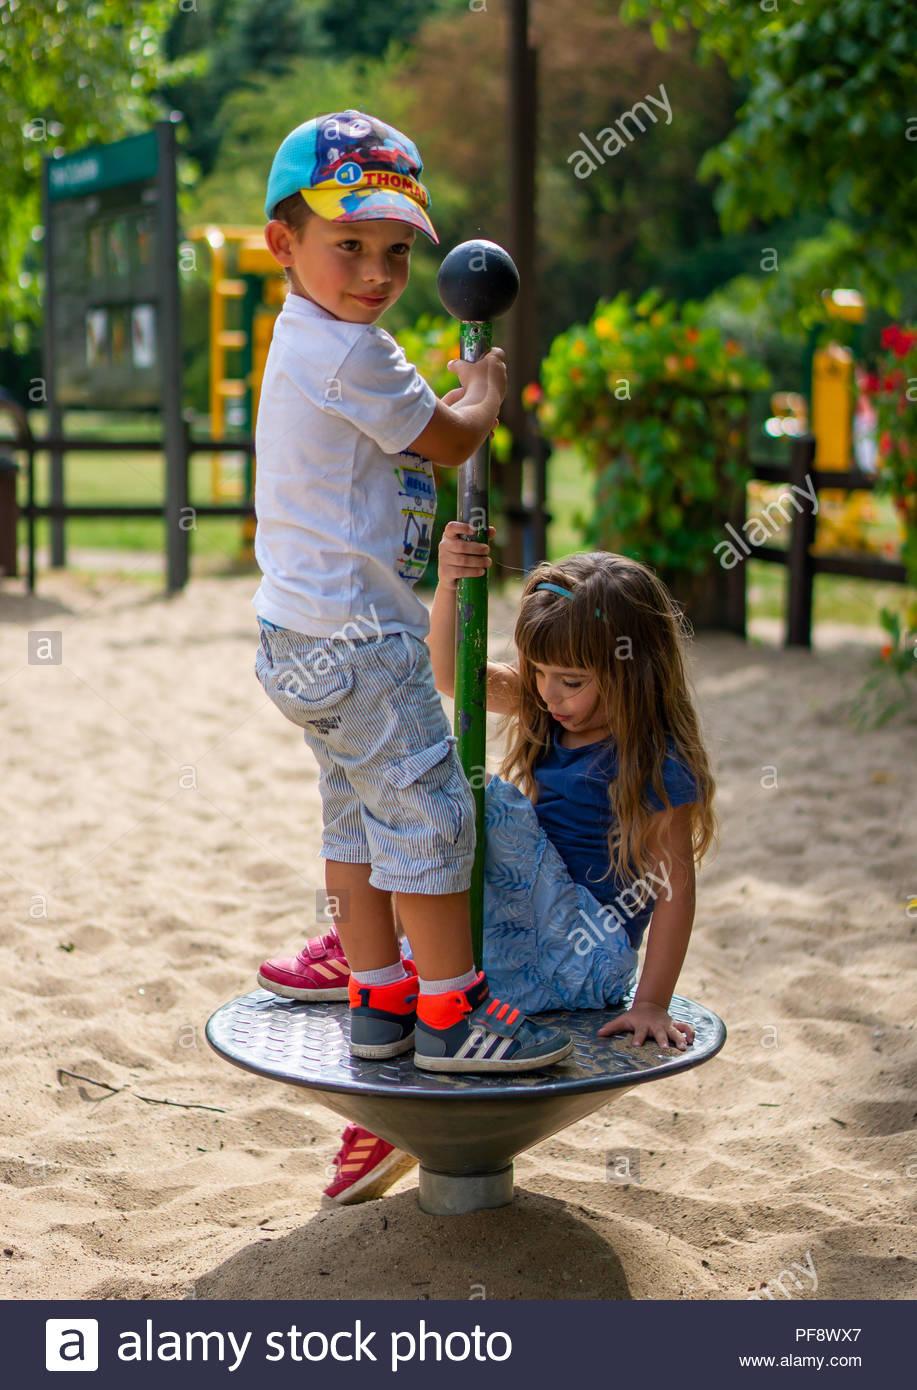 Jeune garçon et fille avec de longs cheveux sur un équipement de spin dans un terrain sur le parc Cytadela à Poznan, Pologne Banque D'Images